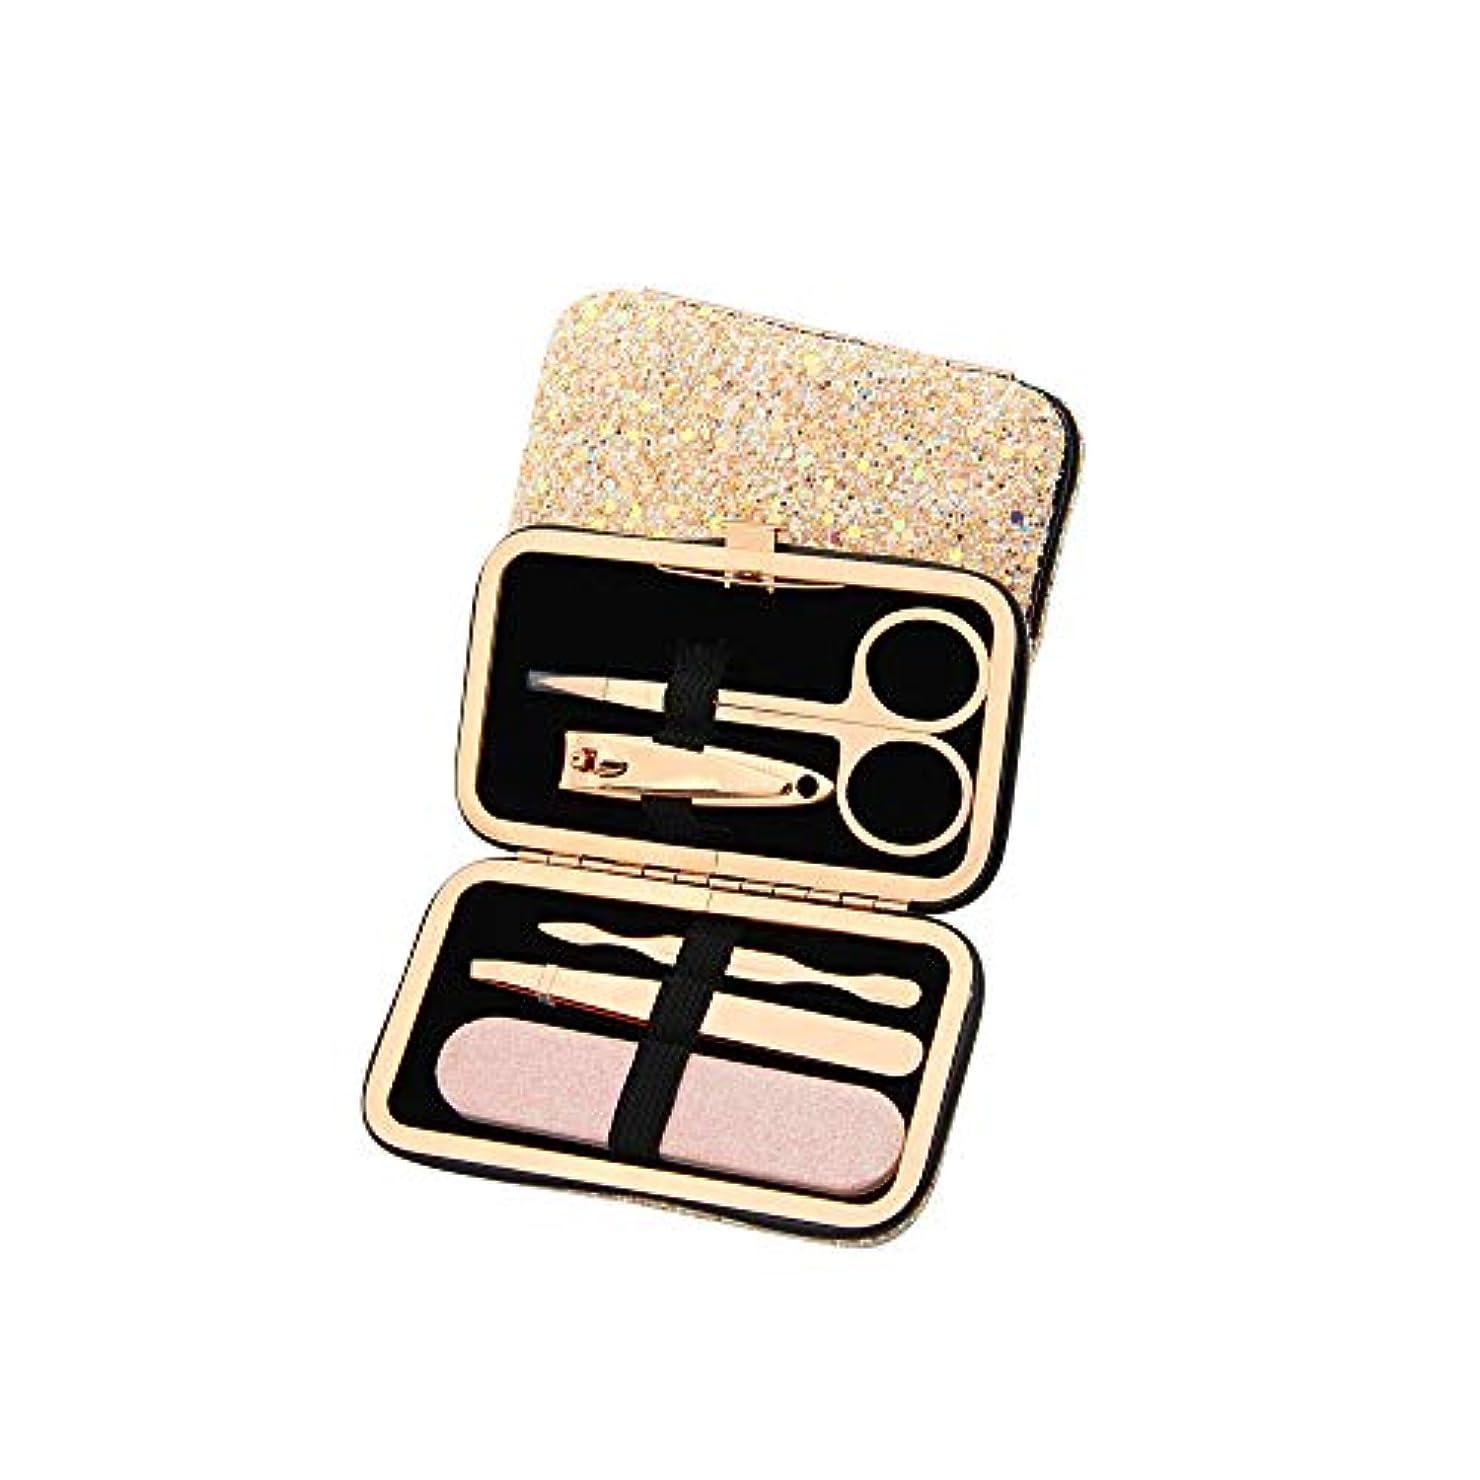 インタビュー溝確認するファッション爪切りセット美容ネイルツールセット高級感溢れる収納ケース付き、ローズゴールド、5点セット